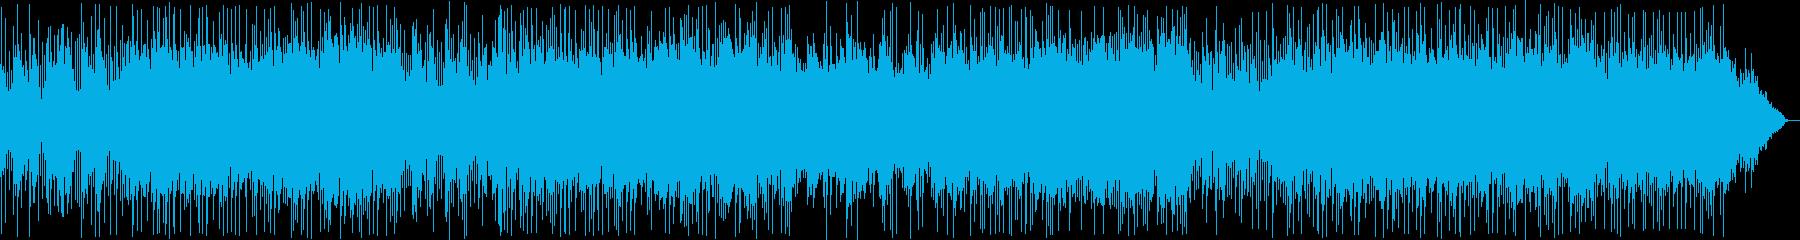 疾走感のあるギターサウンドの再生済みの波形